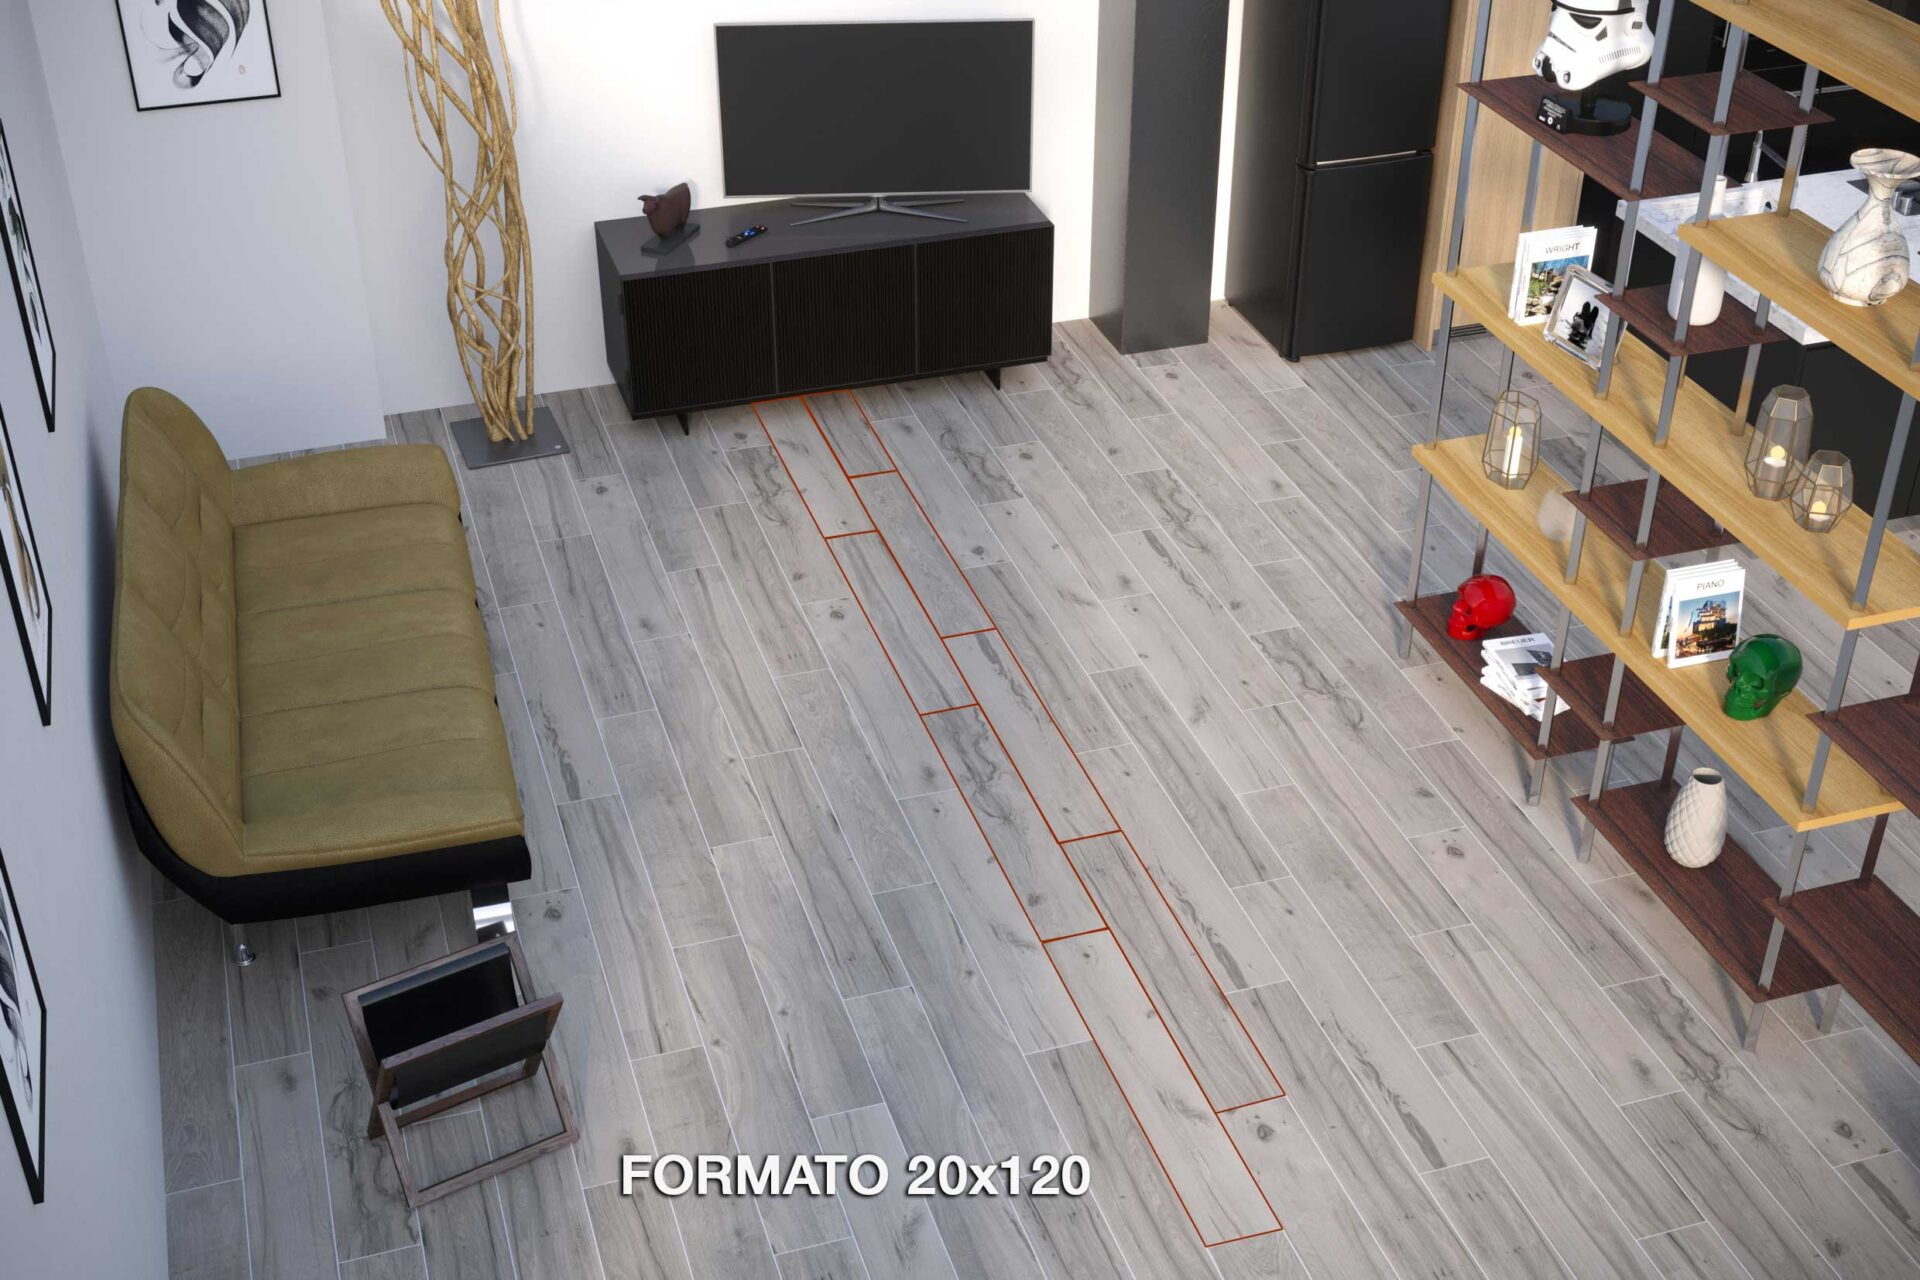 gres effetto legno posato 20x120 cm